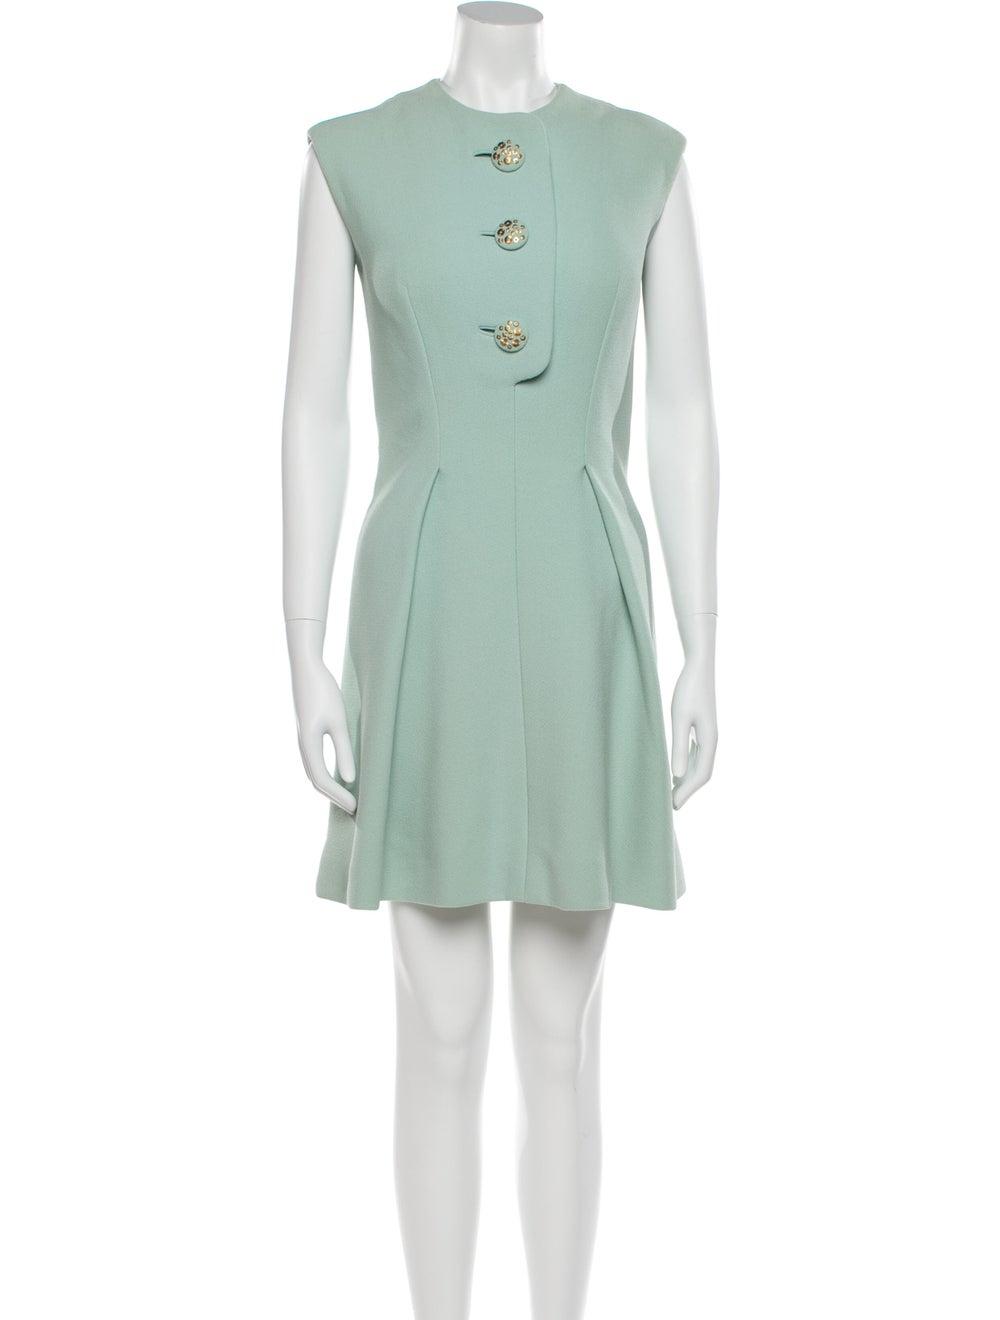 Pauline Trigere Vintage Mini Dress Blue - image 1